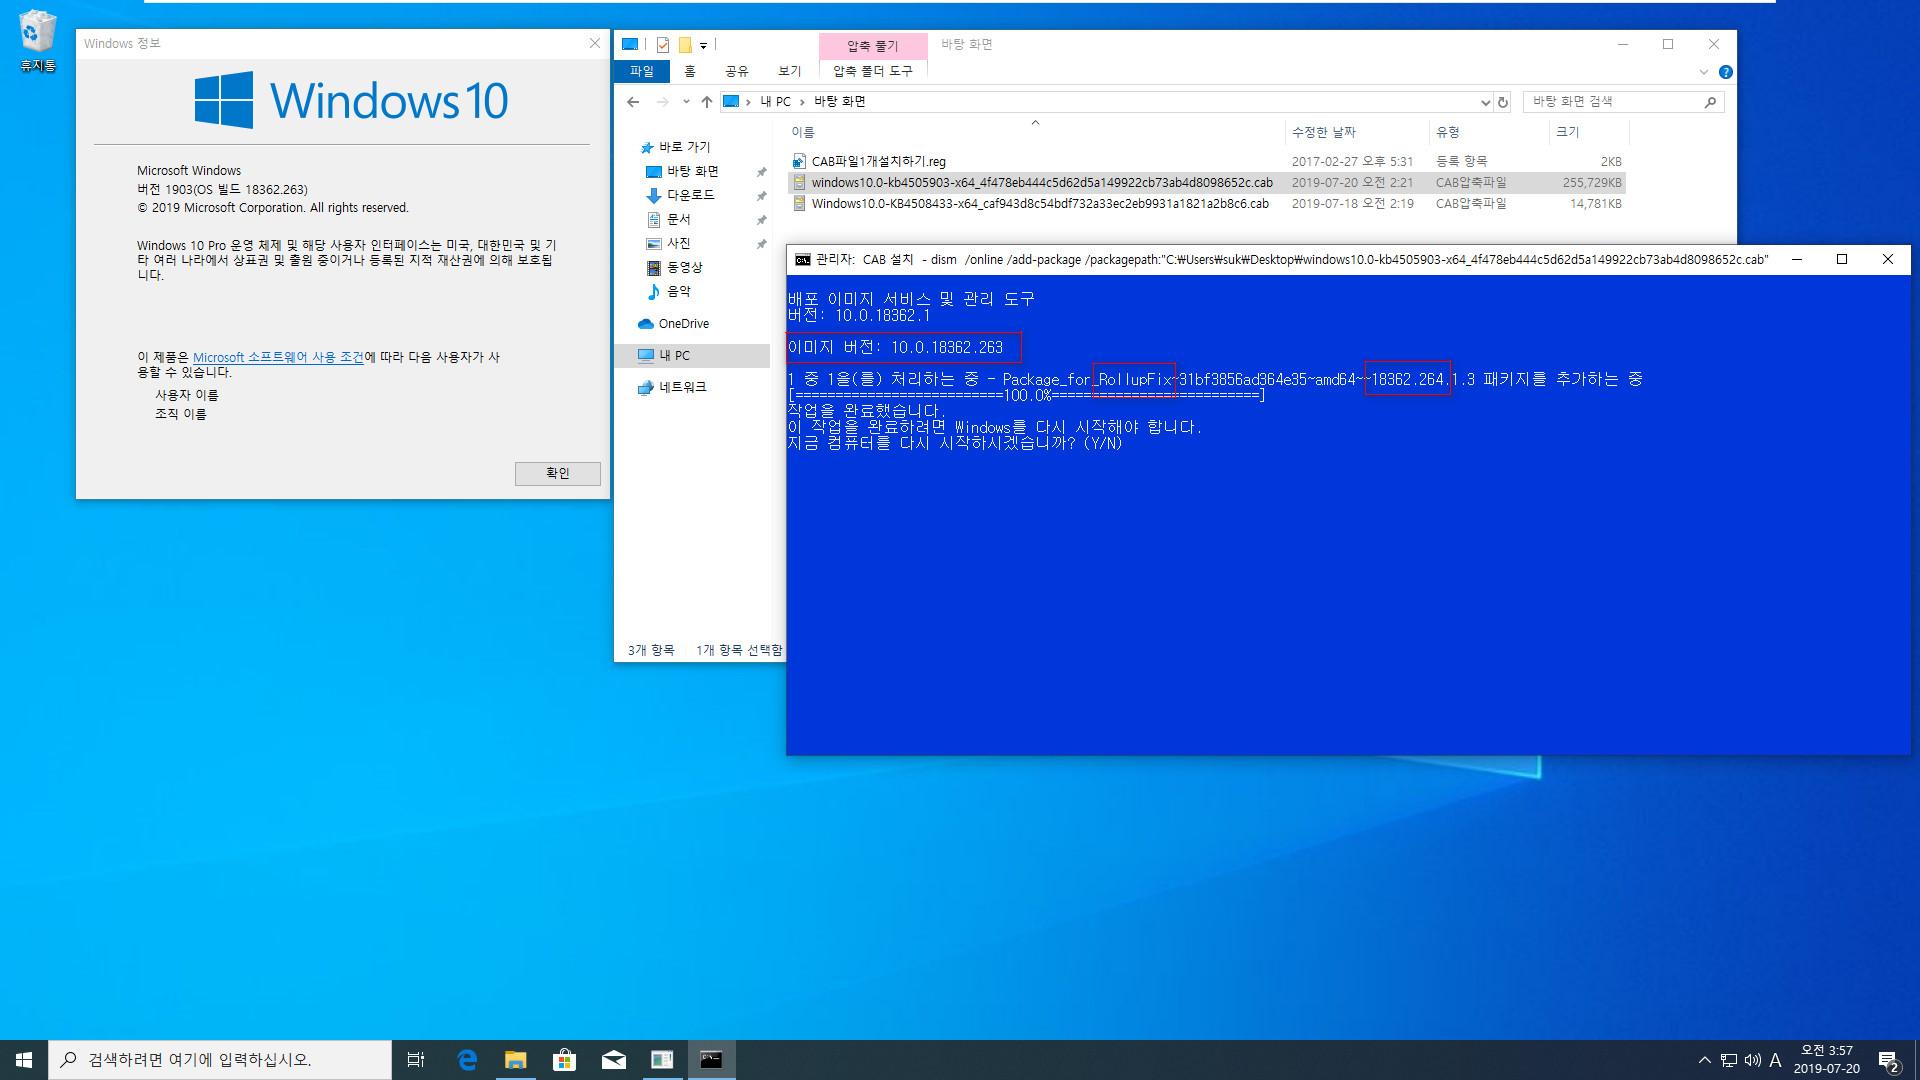 Windows 10 버전 1903 누적 업데이트 KB4505903 (OS 빌드 18362.264) [2019-07-19 일자] - 인사이더 프리뷰용 - 나왔네요. vmware에 설치 테스트 2019-07-20_035738.jpg